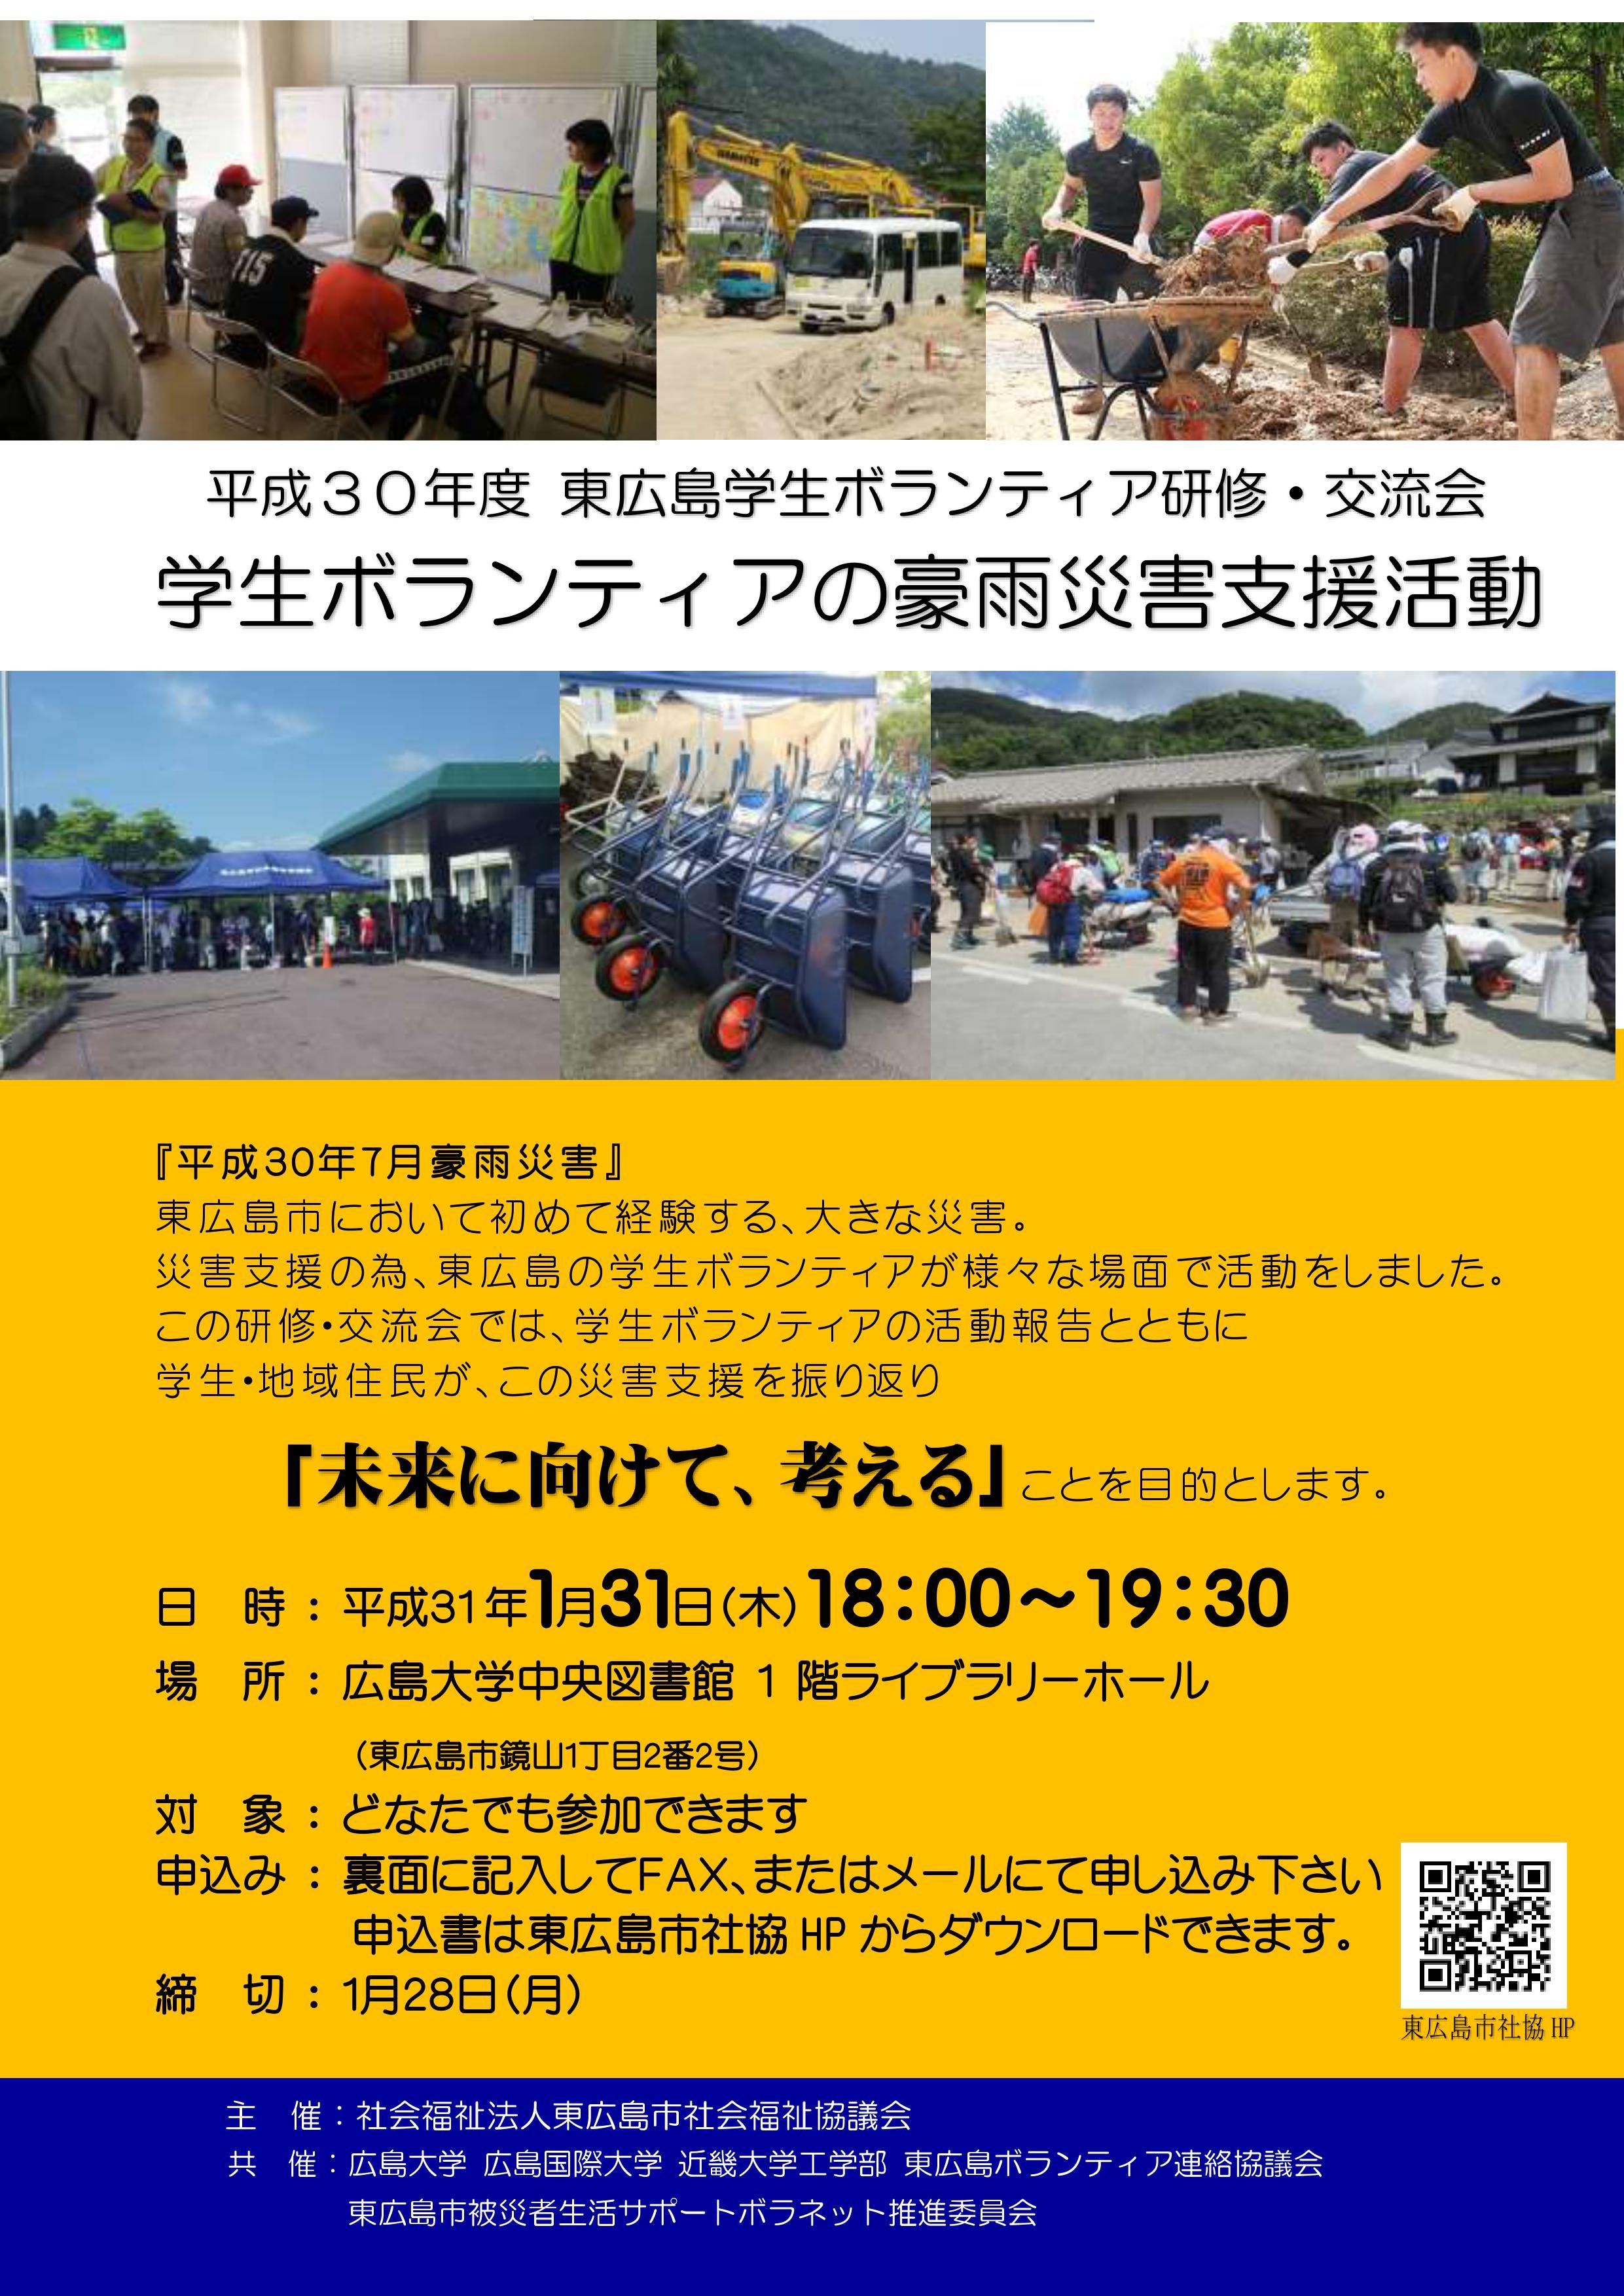 東広島学生ボランティア研修・交流会のチラシ